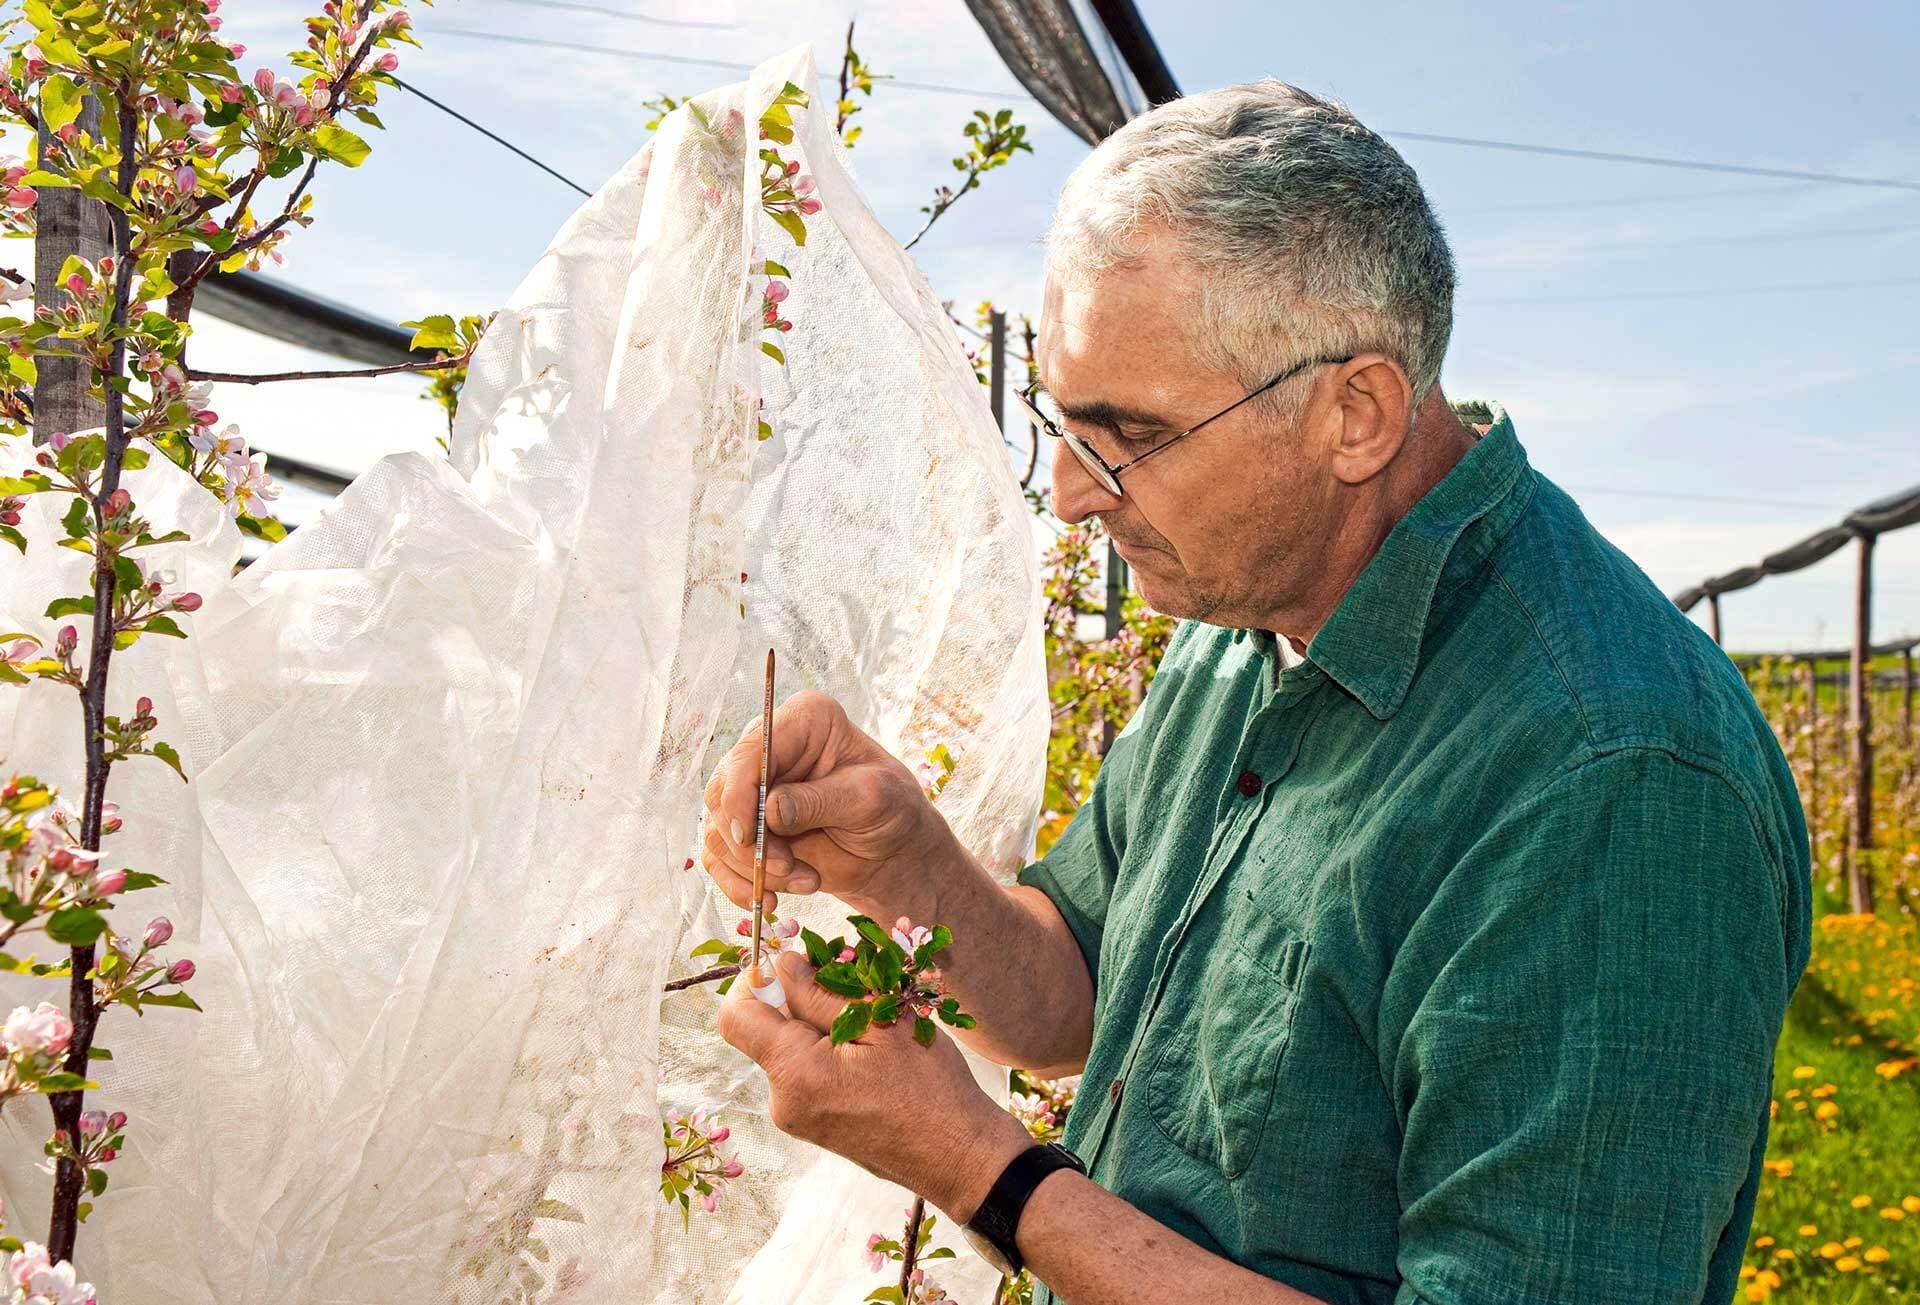 Mann im grünen Hemd untersucht Apfelbaumblüten